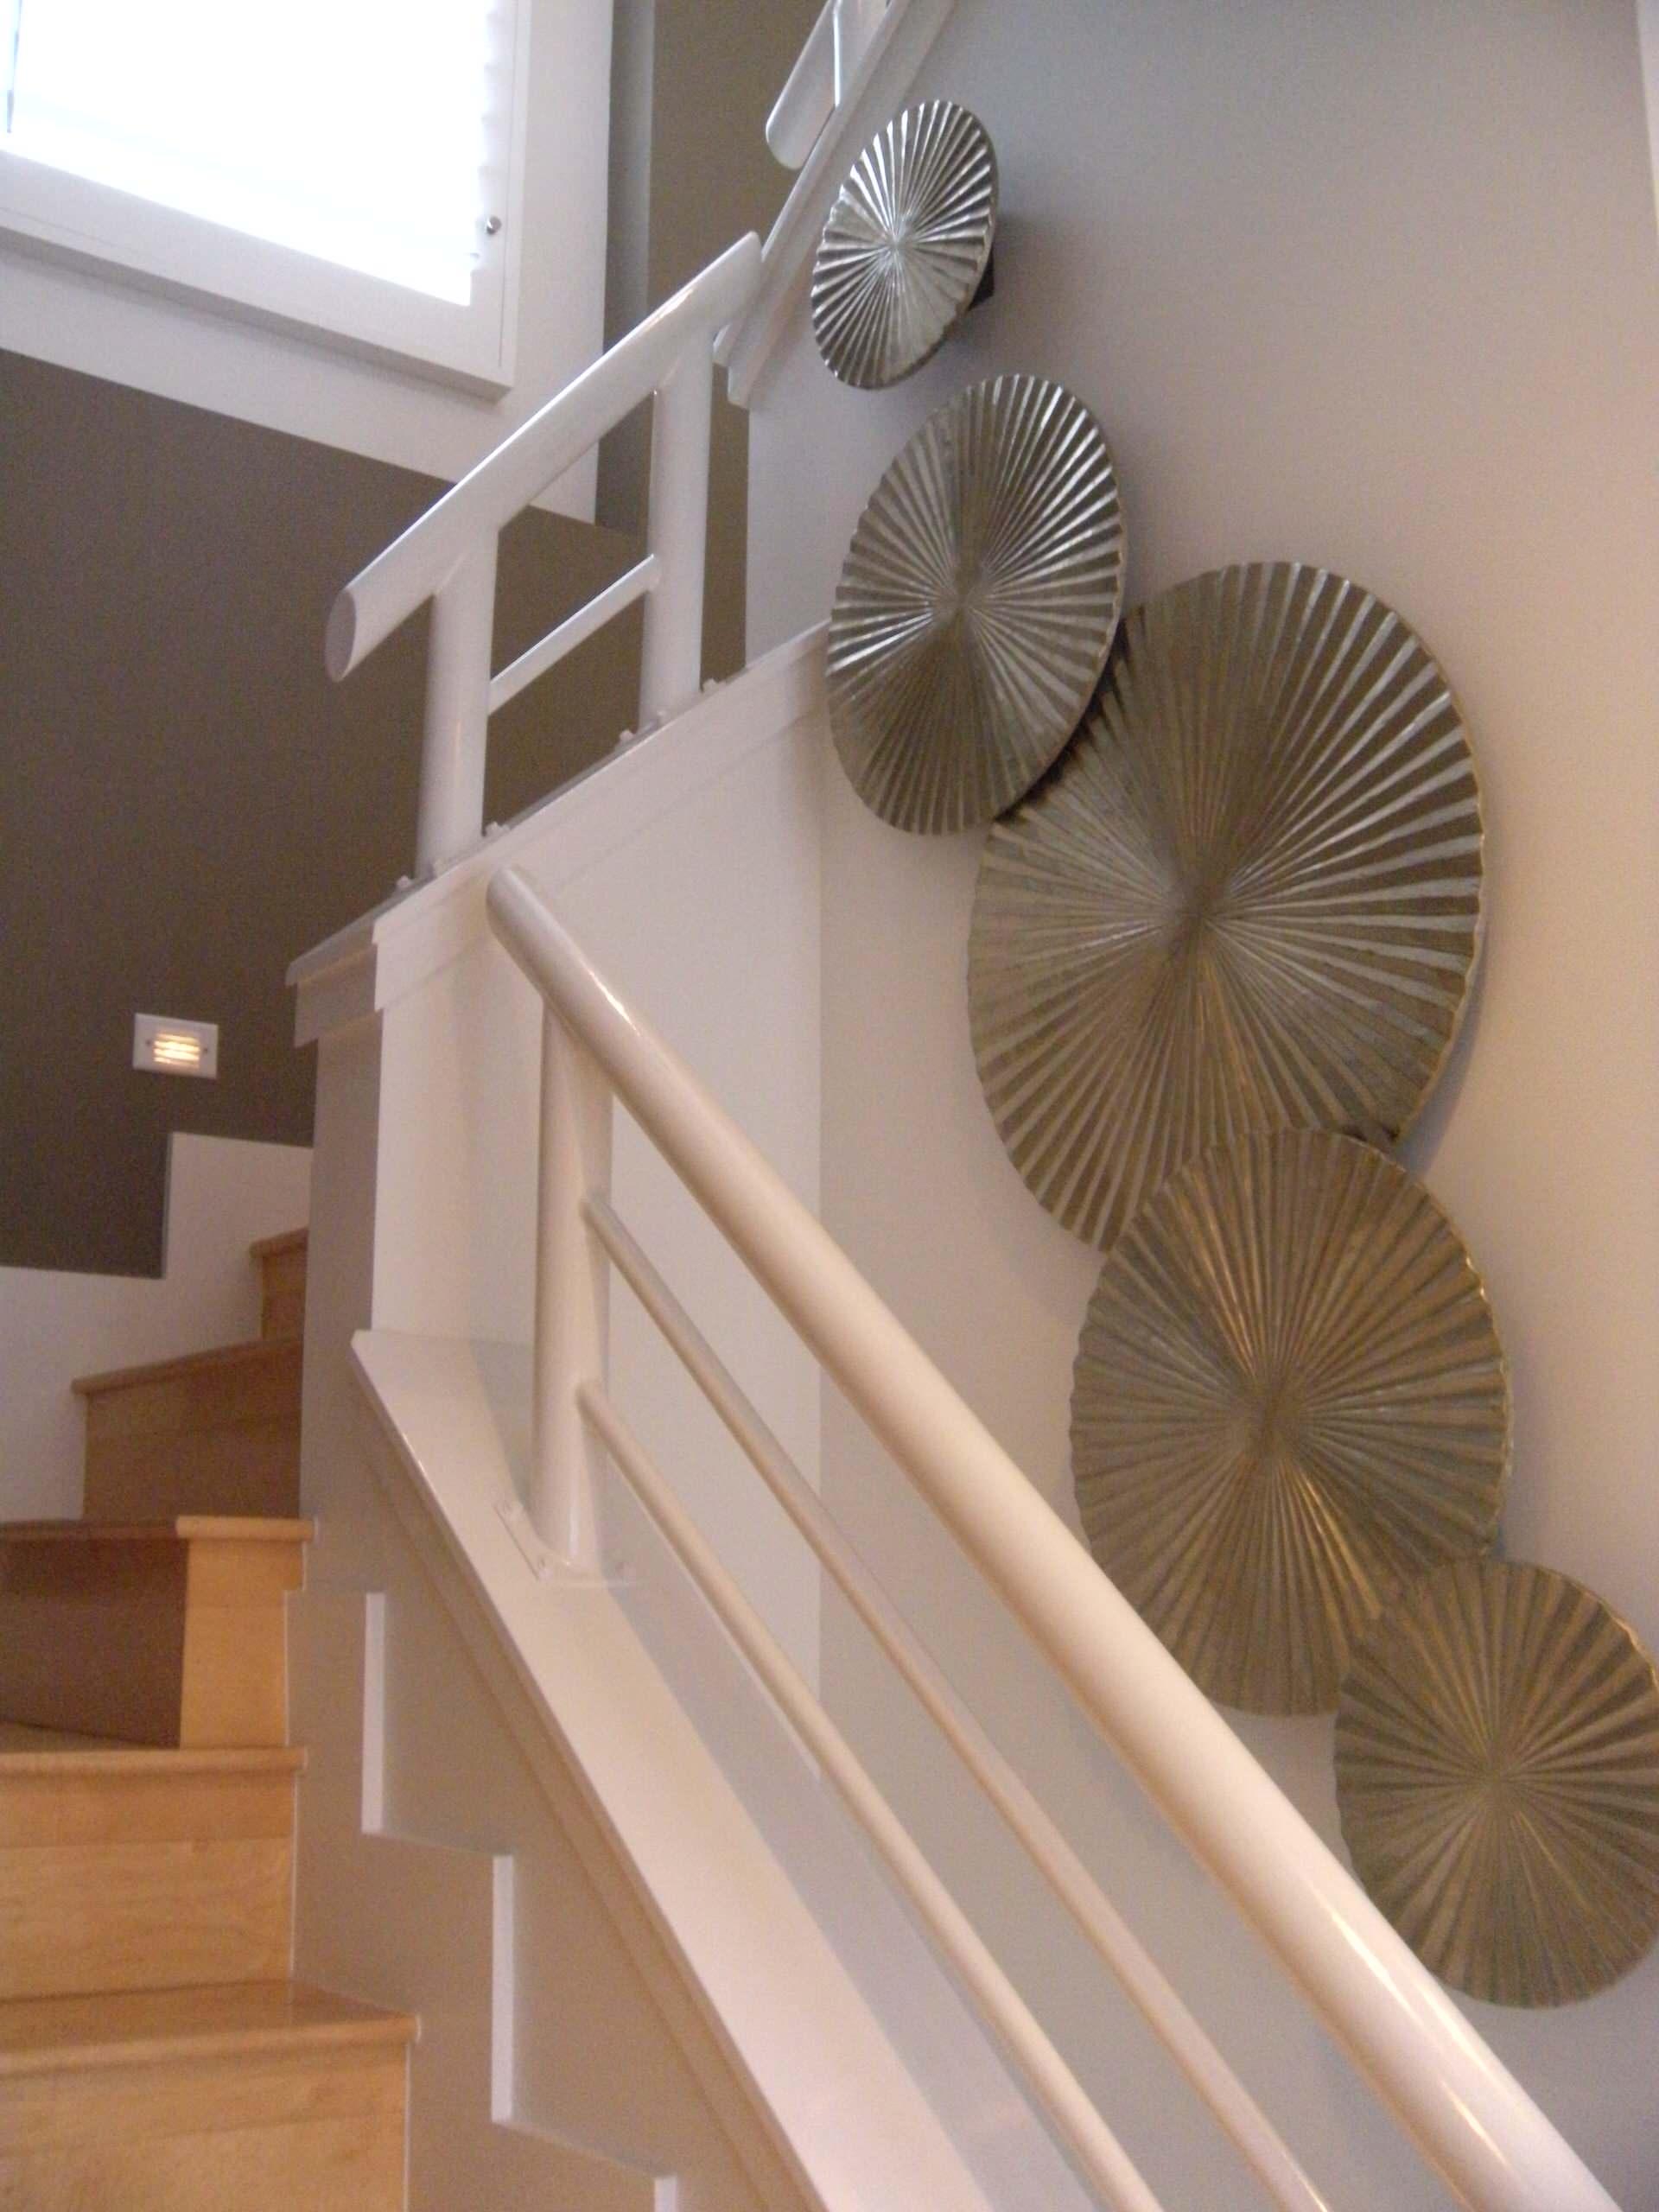 Staircase & Wall Decor